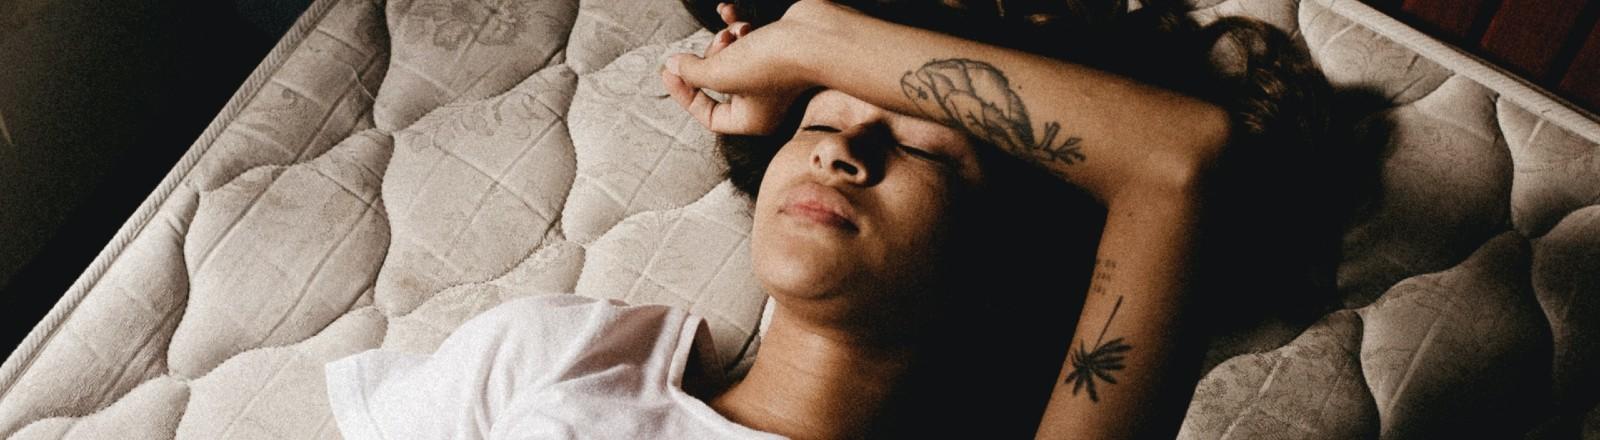 Frau liegt auf einer Matratze und hält sich ihren Arm gegen ihre Stirn